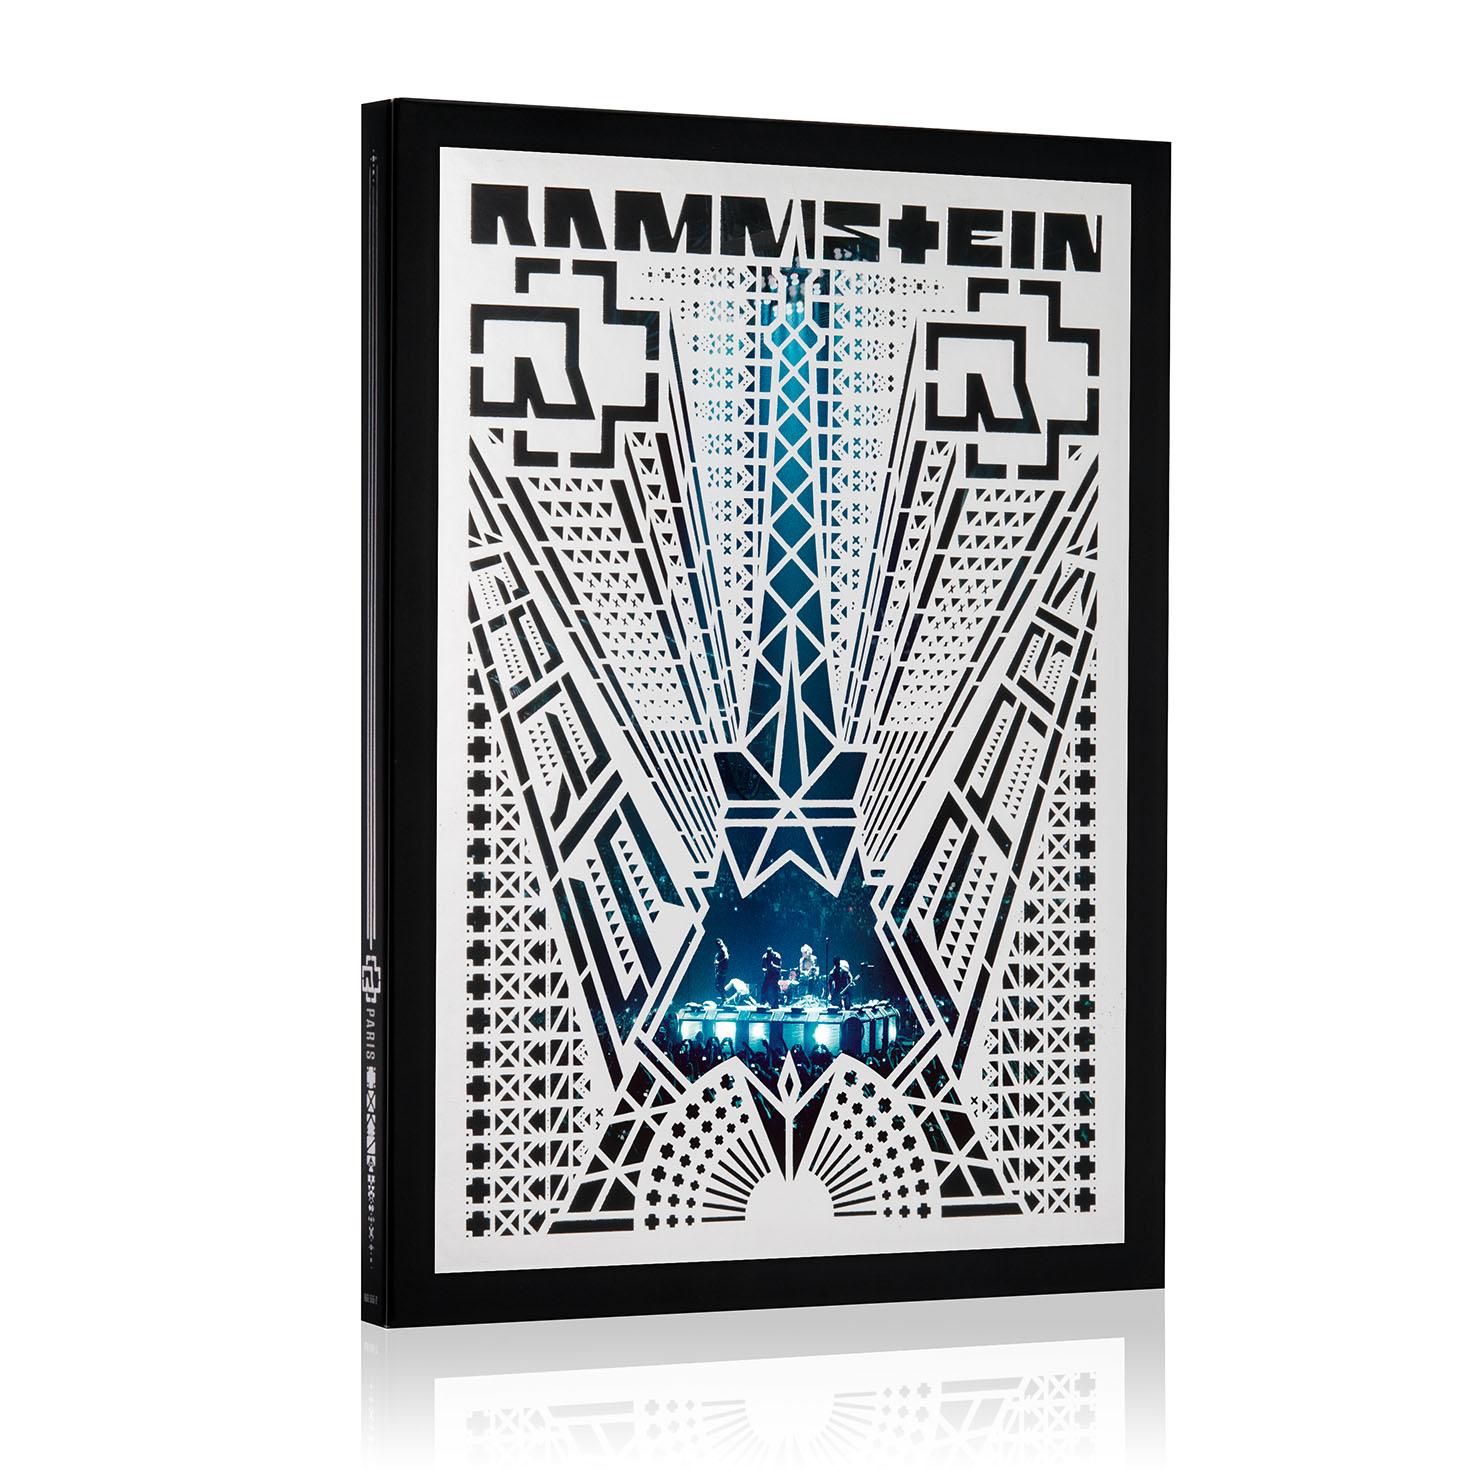 rammstein paris cd dvd